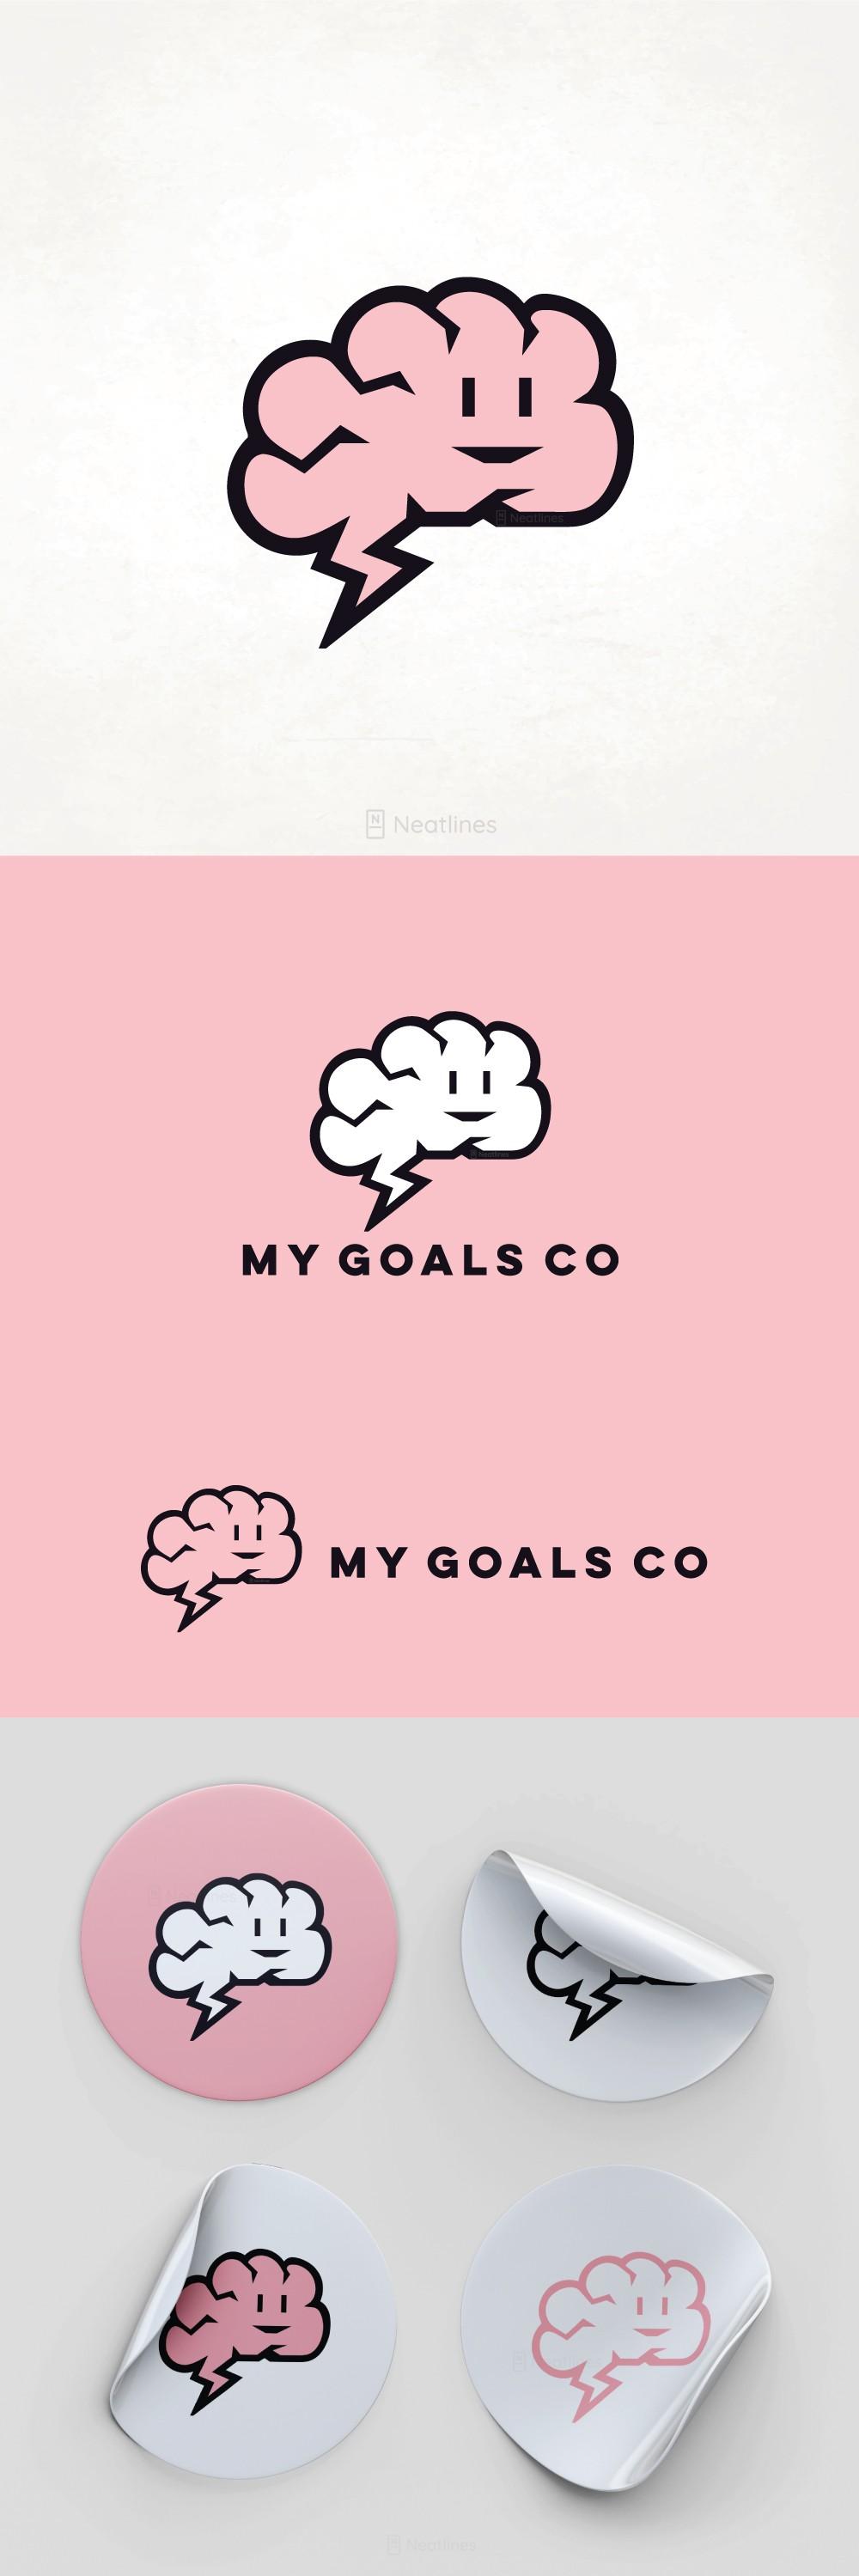 My Goals Co: Logo Brief